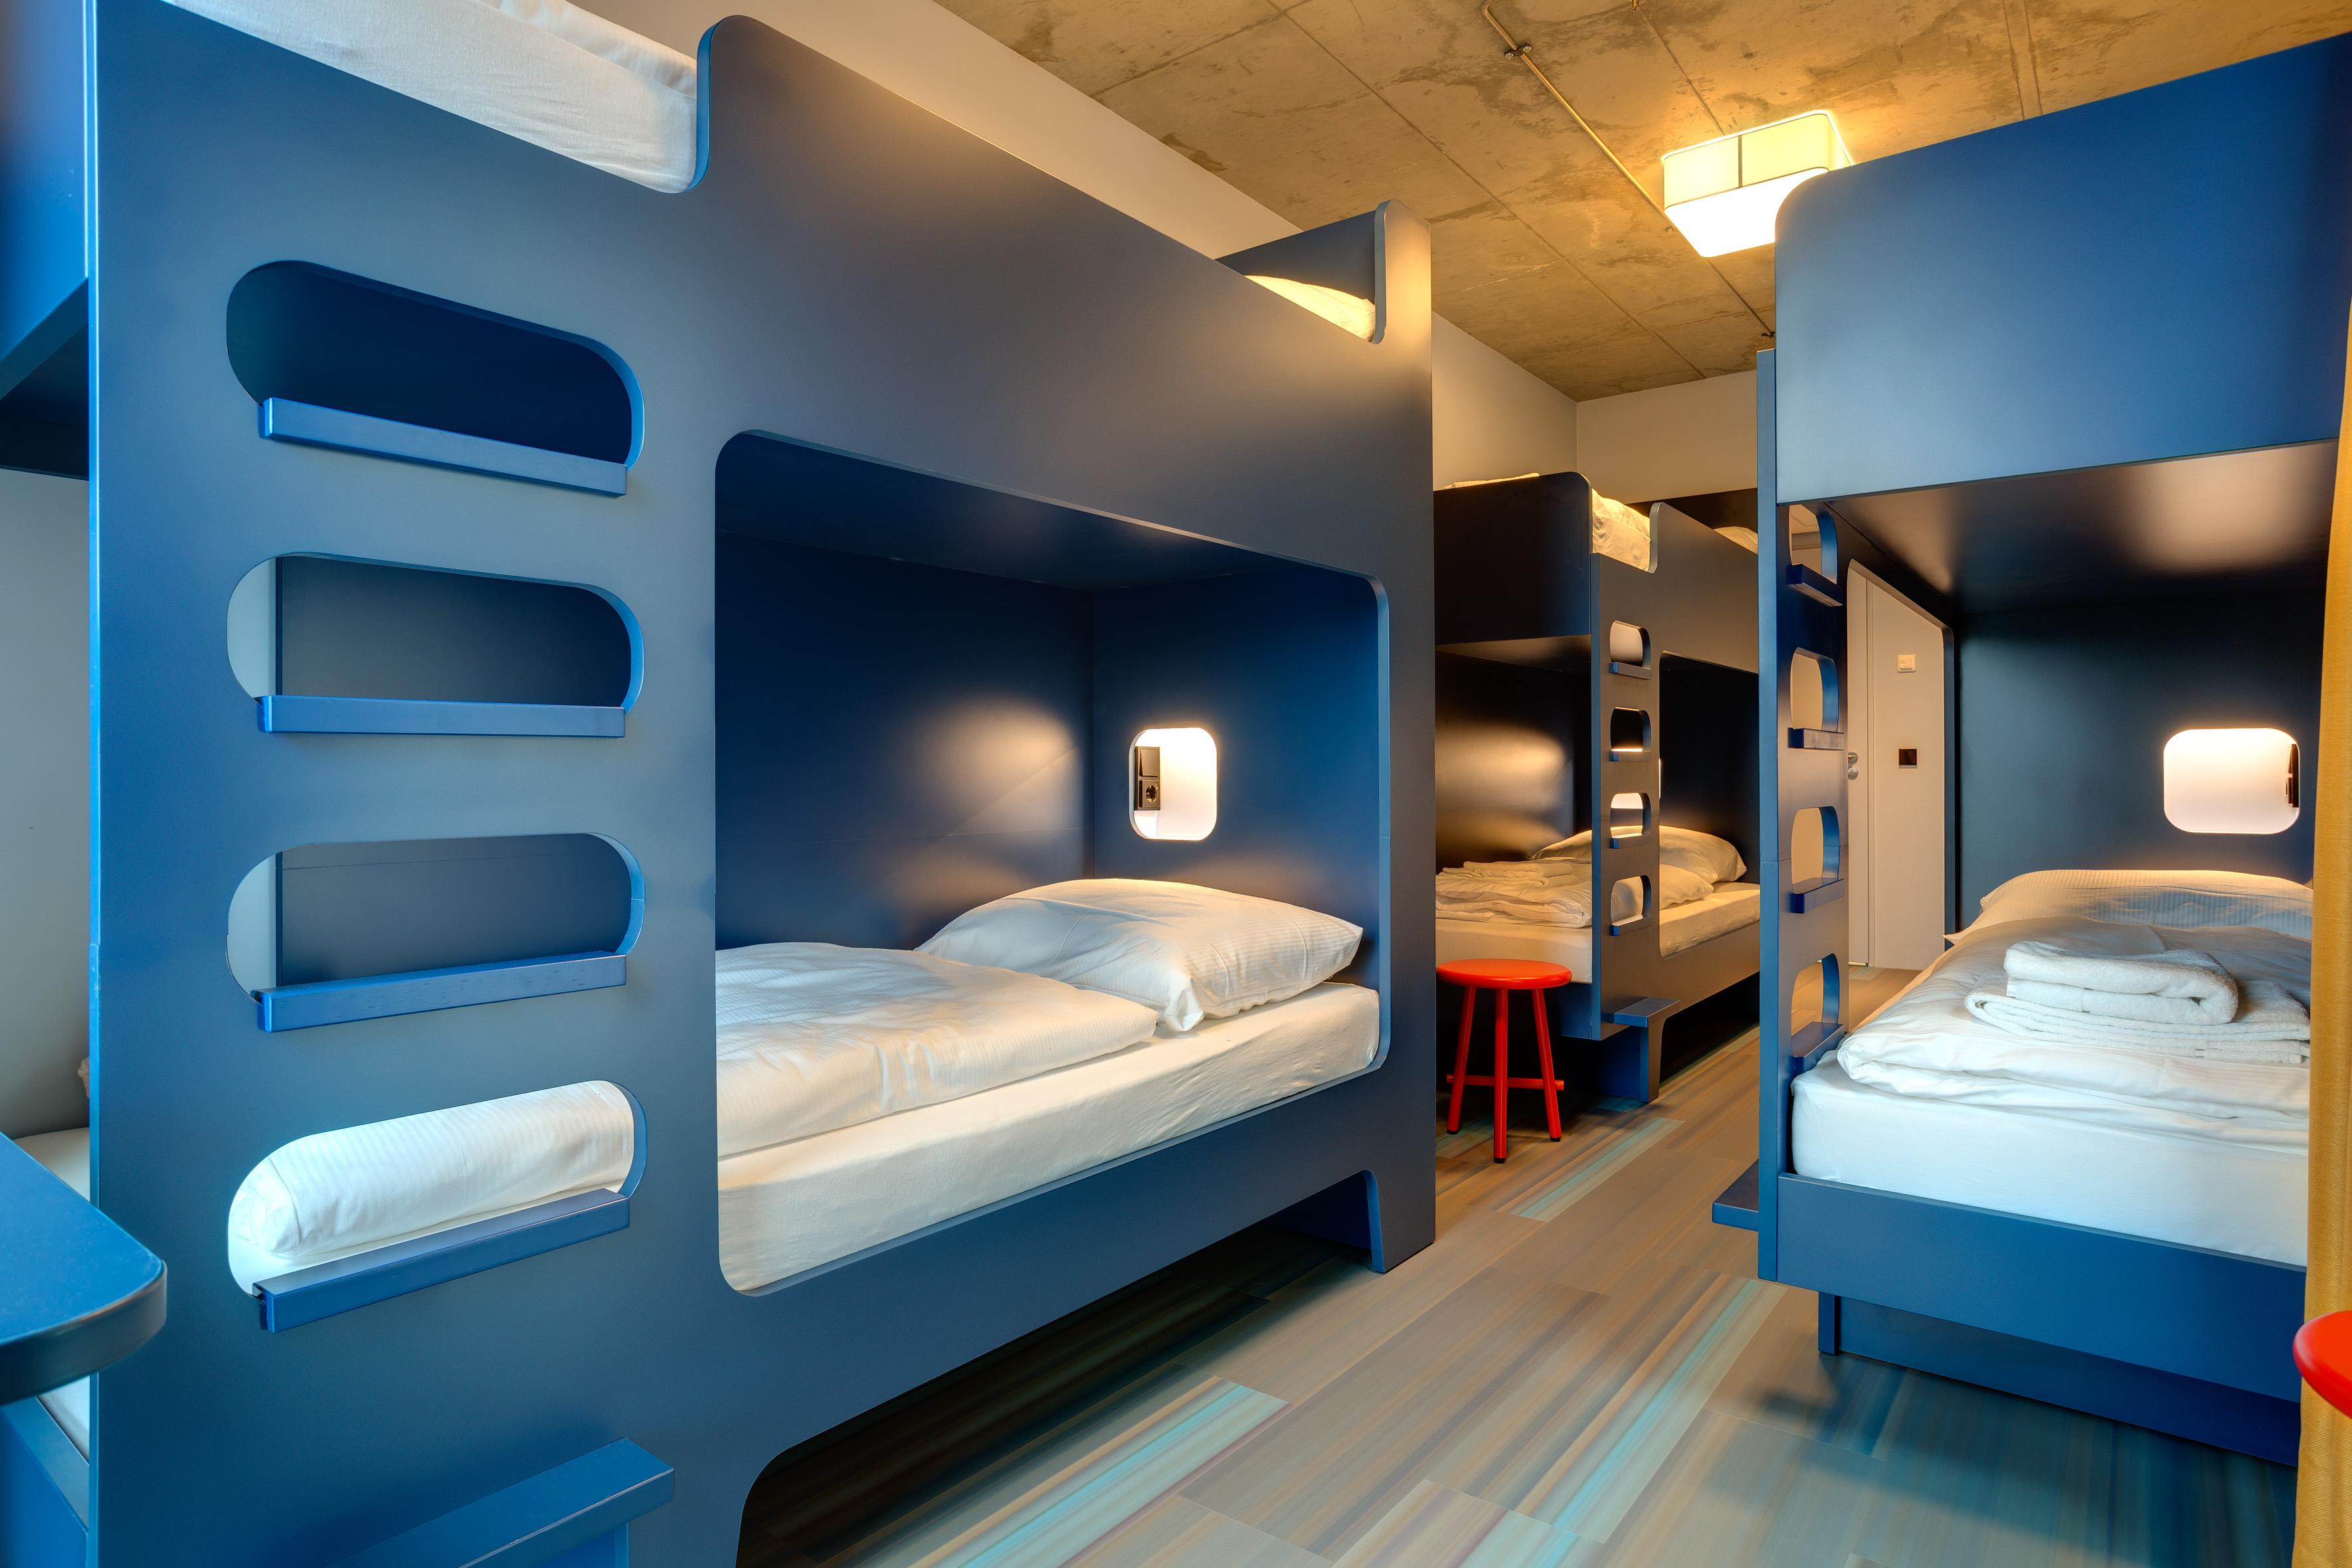 MEININGER Hotel Berlin East Side Gallery - Dormitory